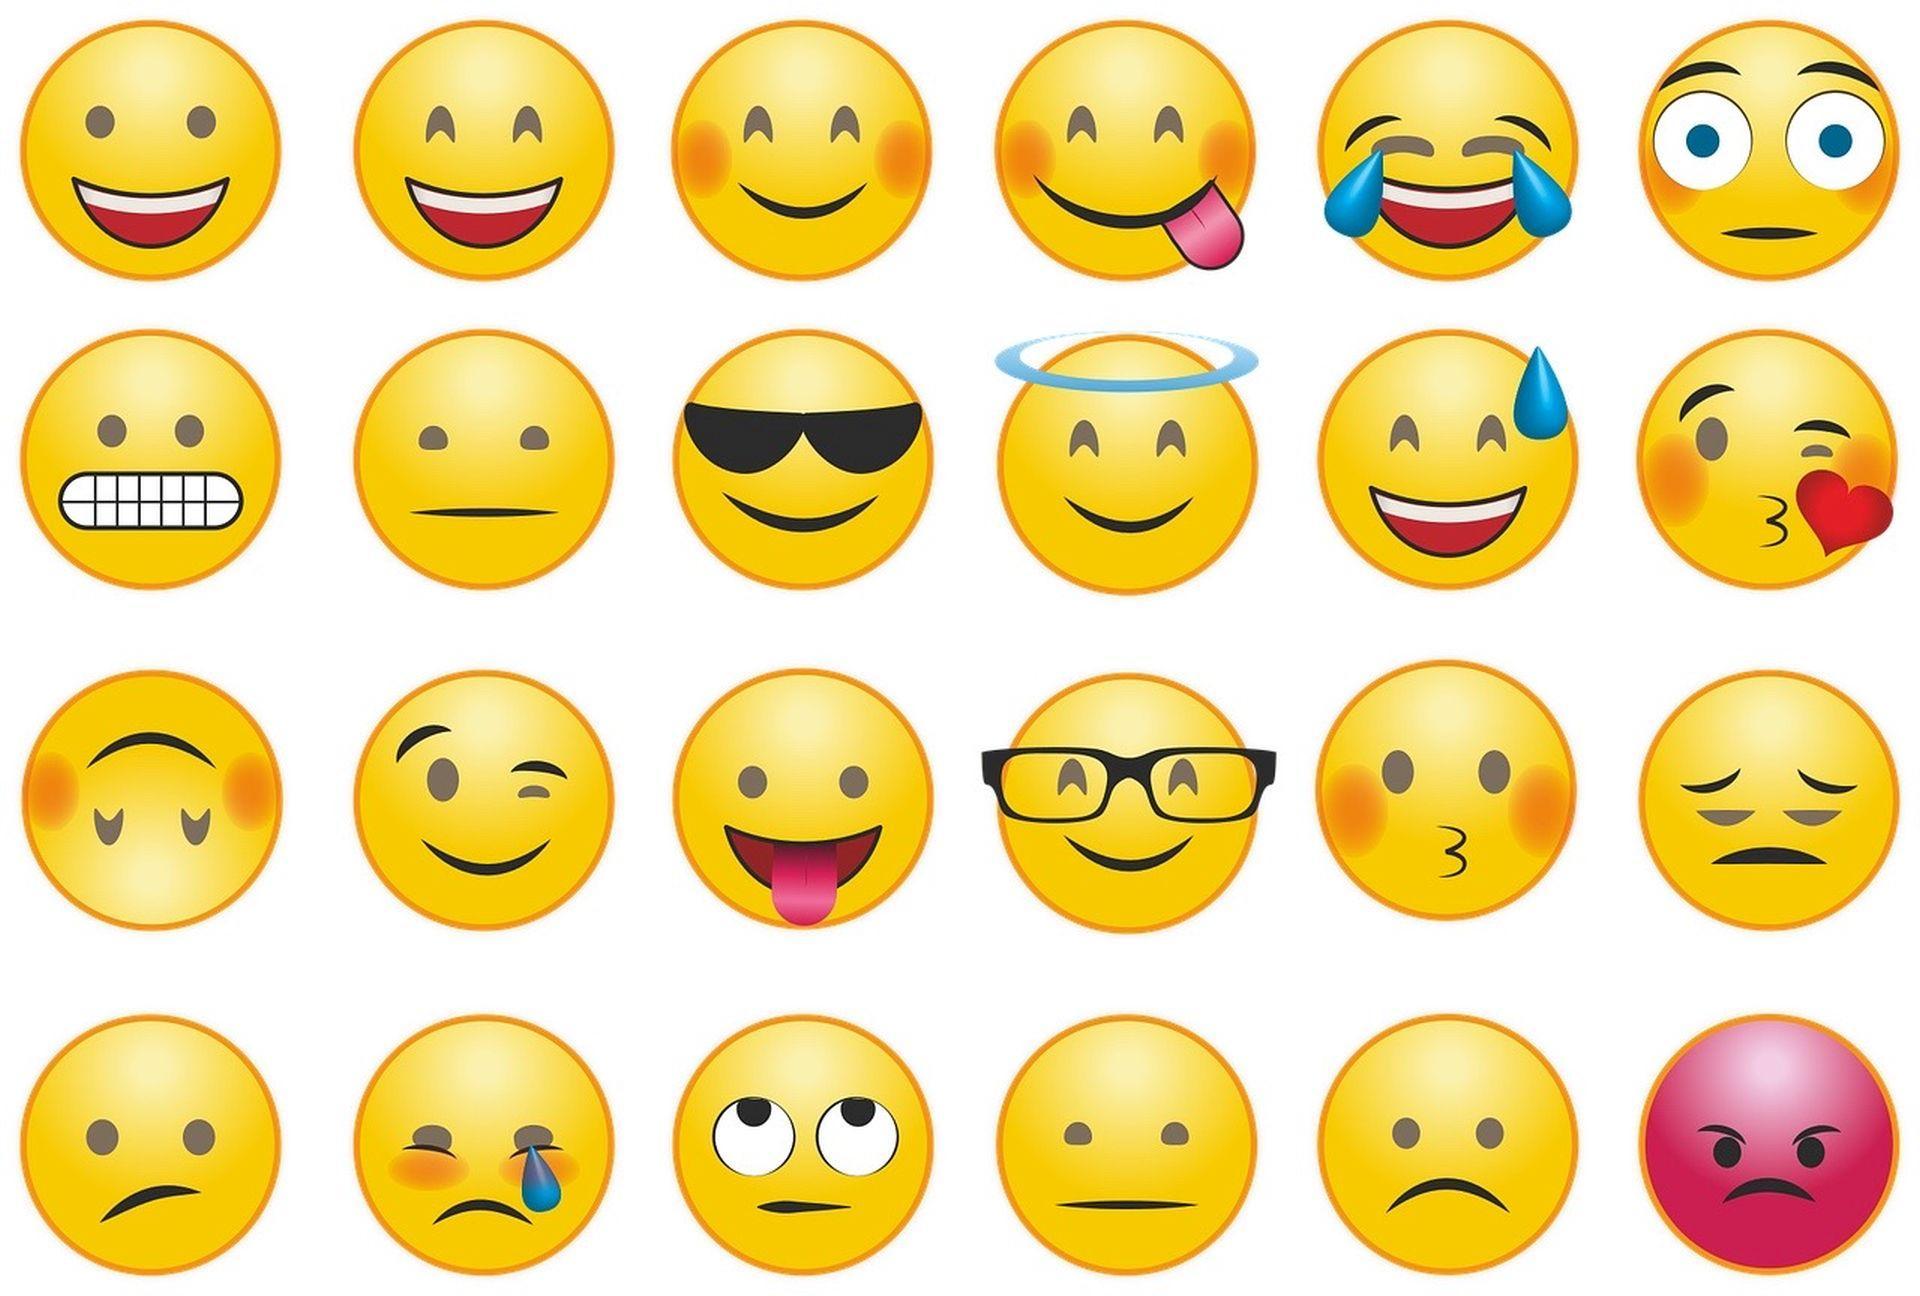 olika emojier som visar olika känslor